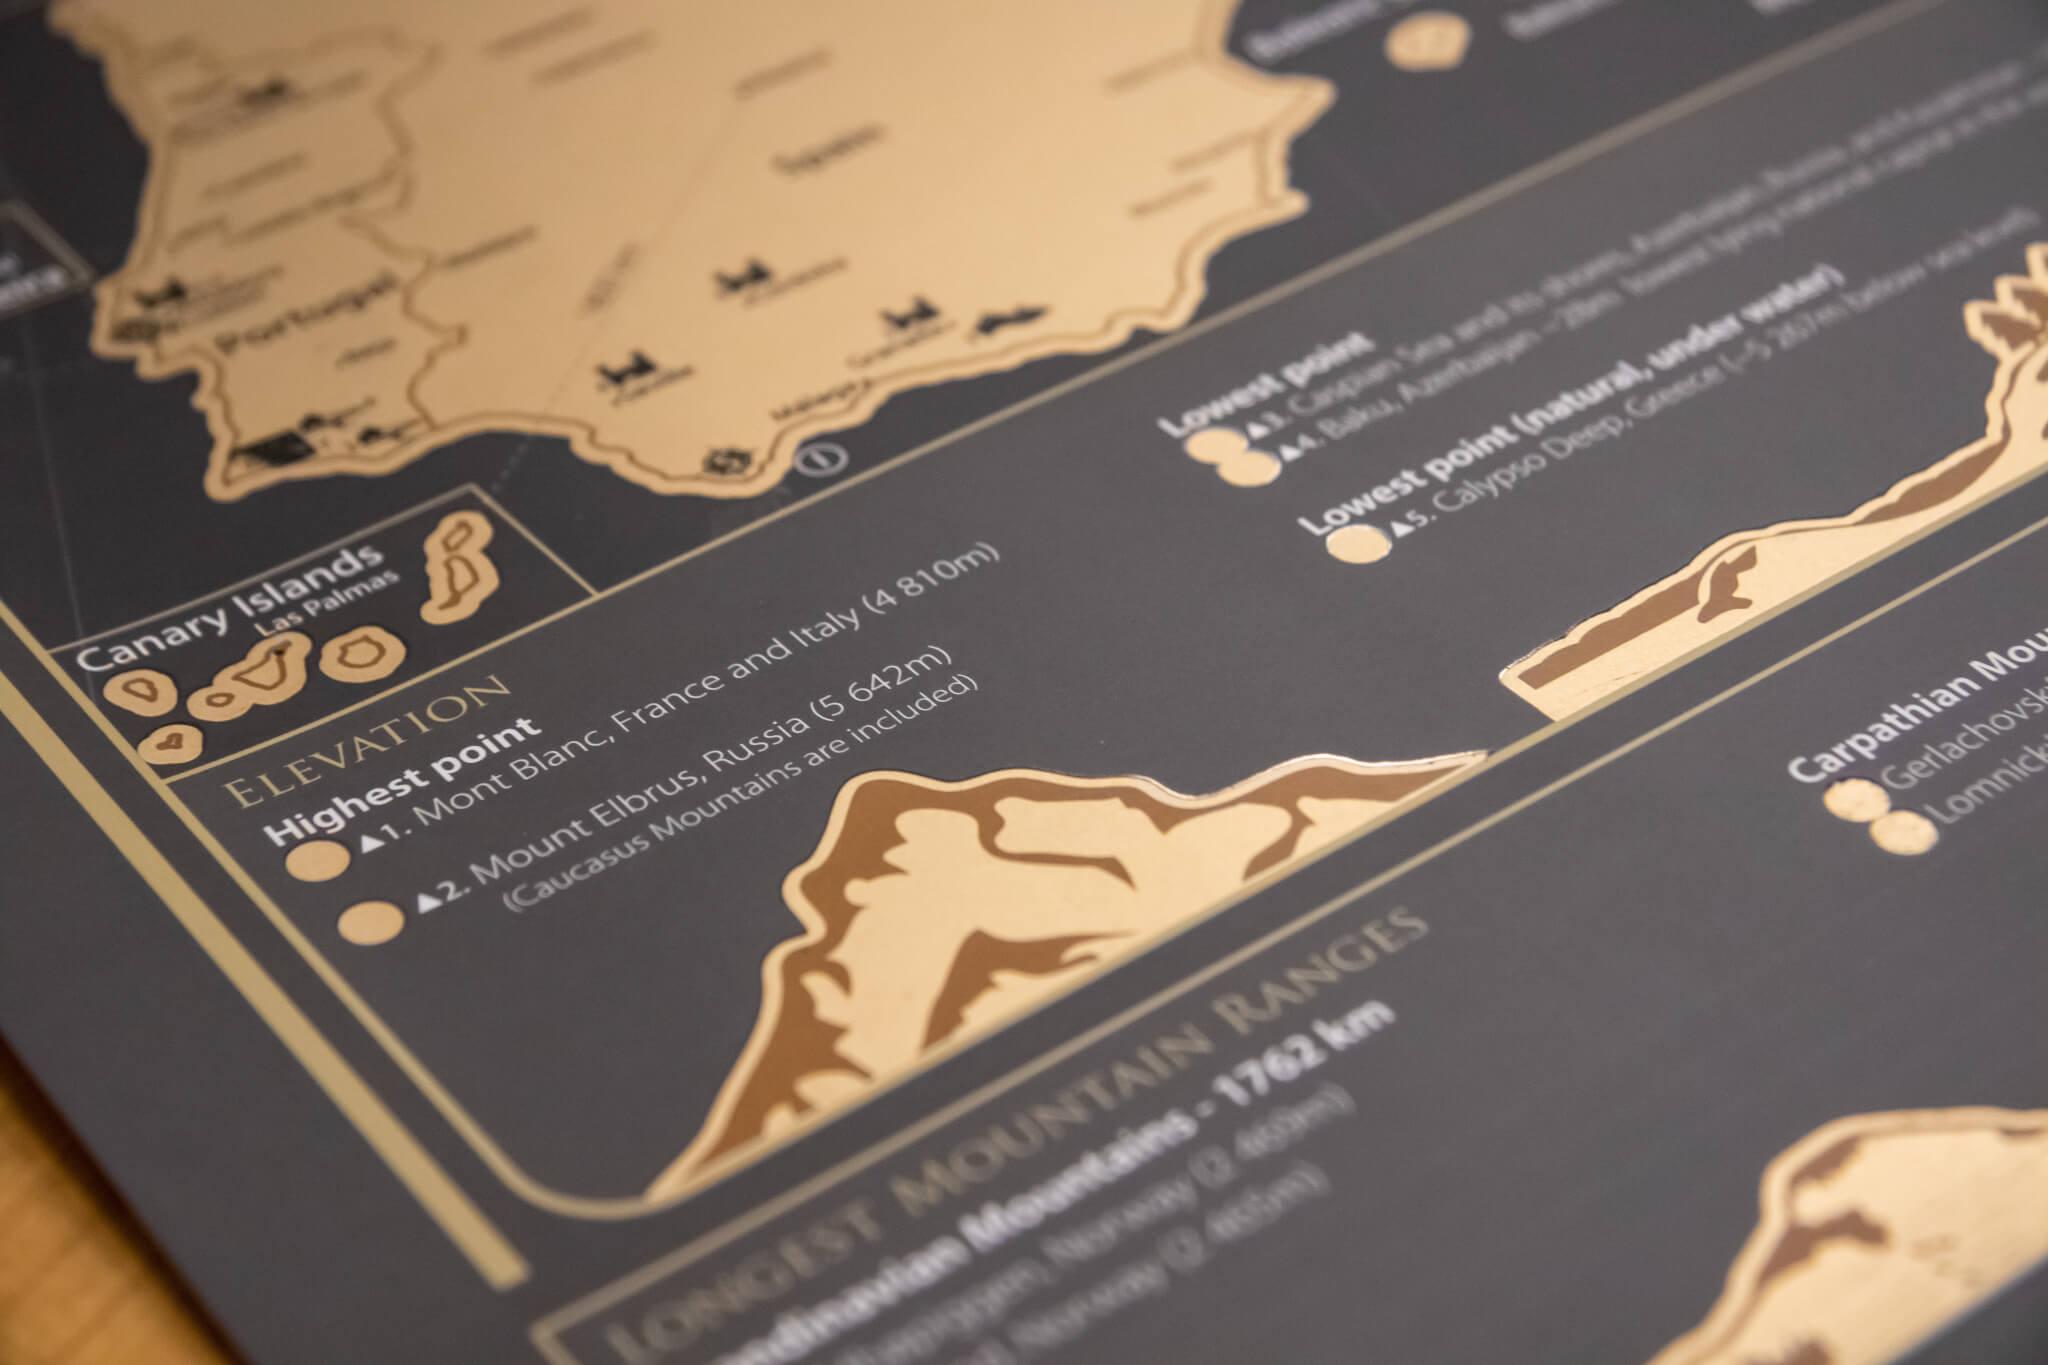 Stírací mapa Evropy - Detail výšek